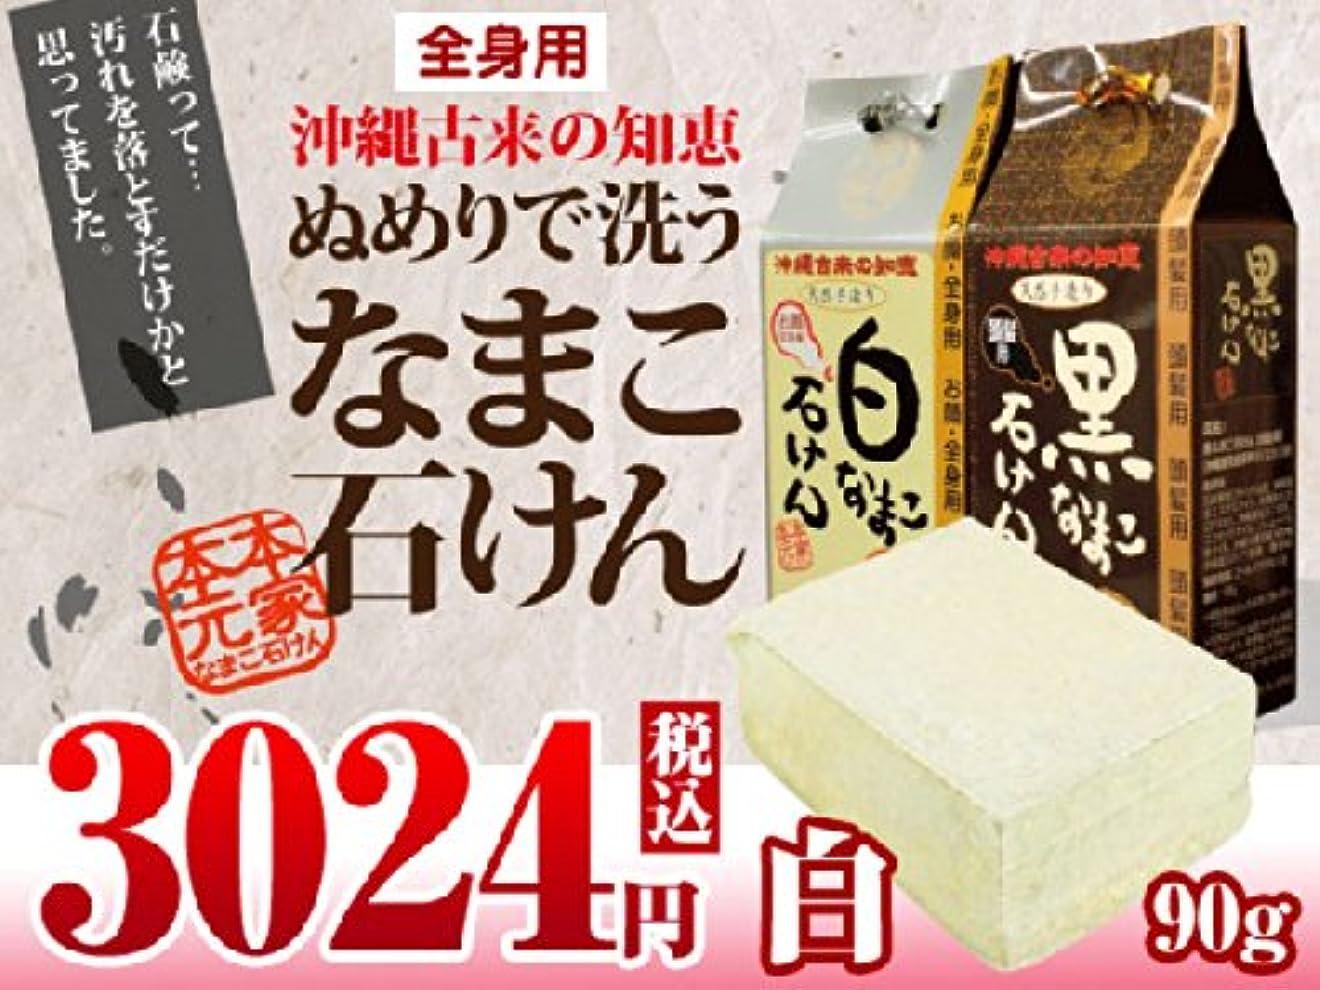 耐えられない他の日傾いた白なまこ石けん 箱入り なまこ石鹸 90g【全身用】 コラーゲンのぬめりで洗う